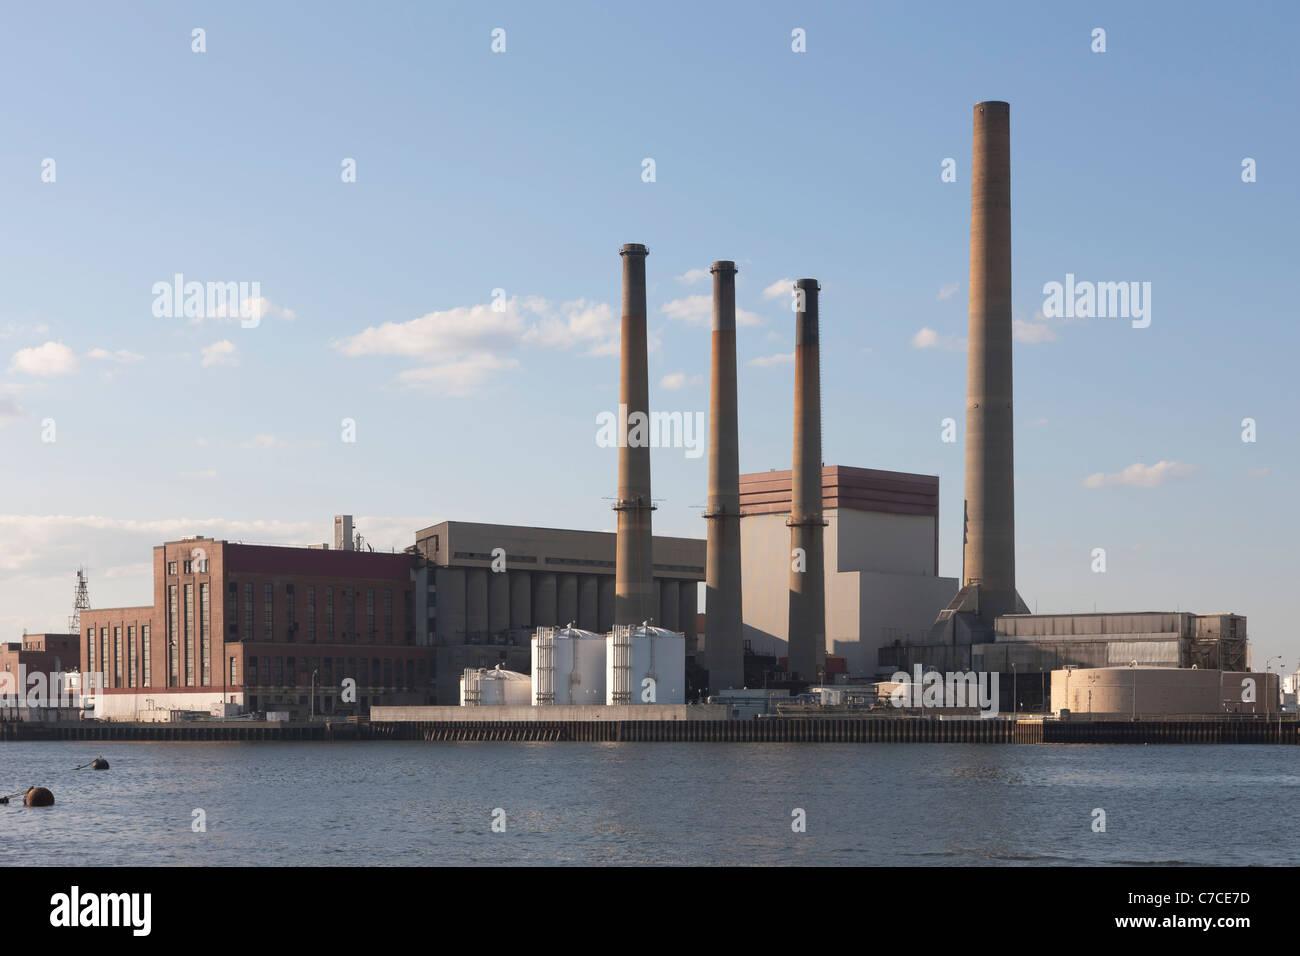 Konstellation energieerzeugende (ehemals Boston) Mystic erdgasbefeuerten erzeugenden Kraftwerk in Everett bei Boston, Massachusetts. Stockfoto